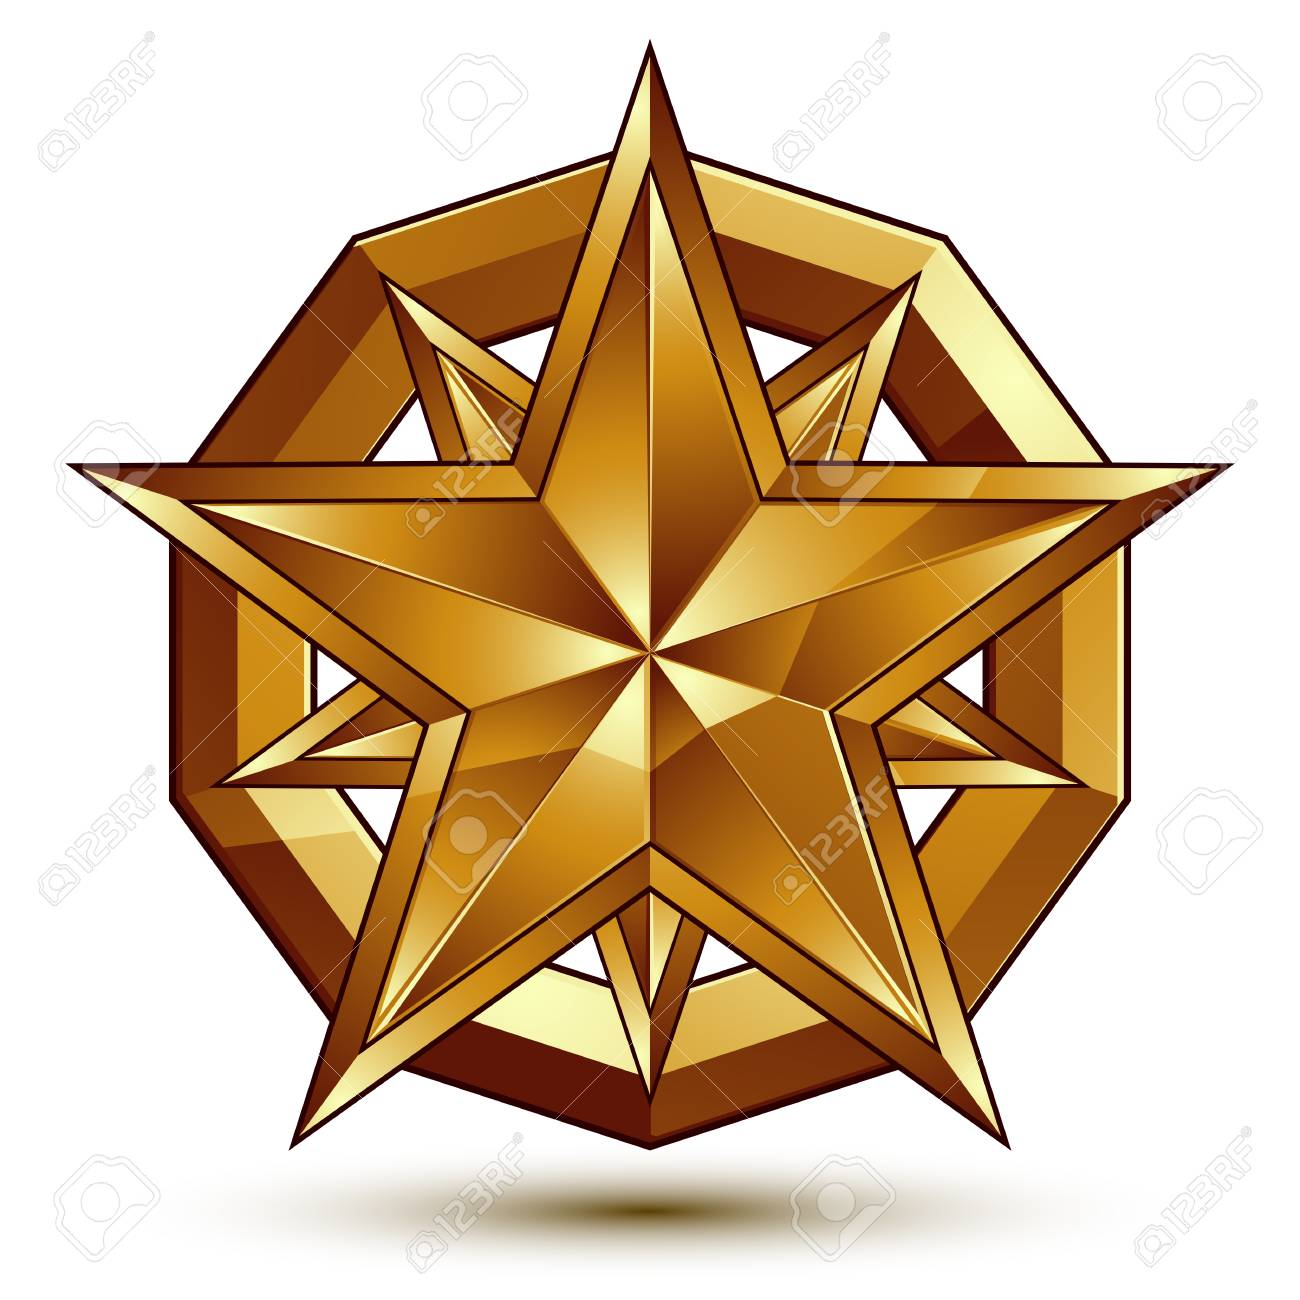 Perfecto Plantilla De Estrella De 6 Puntos Adorno - Ejemplo De ...